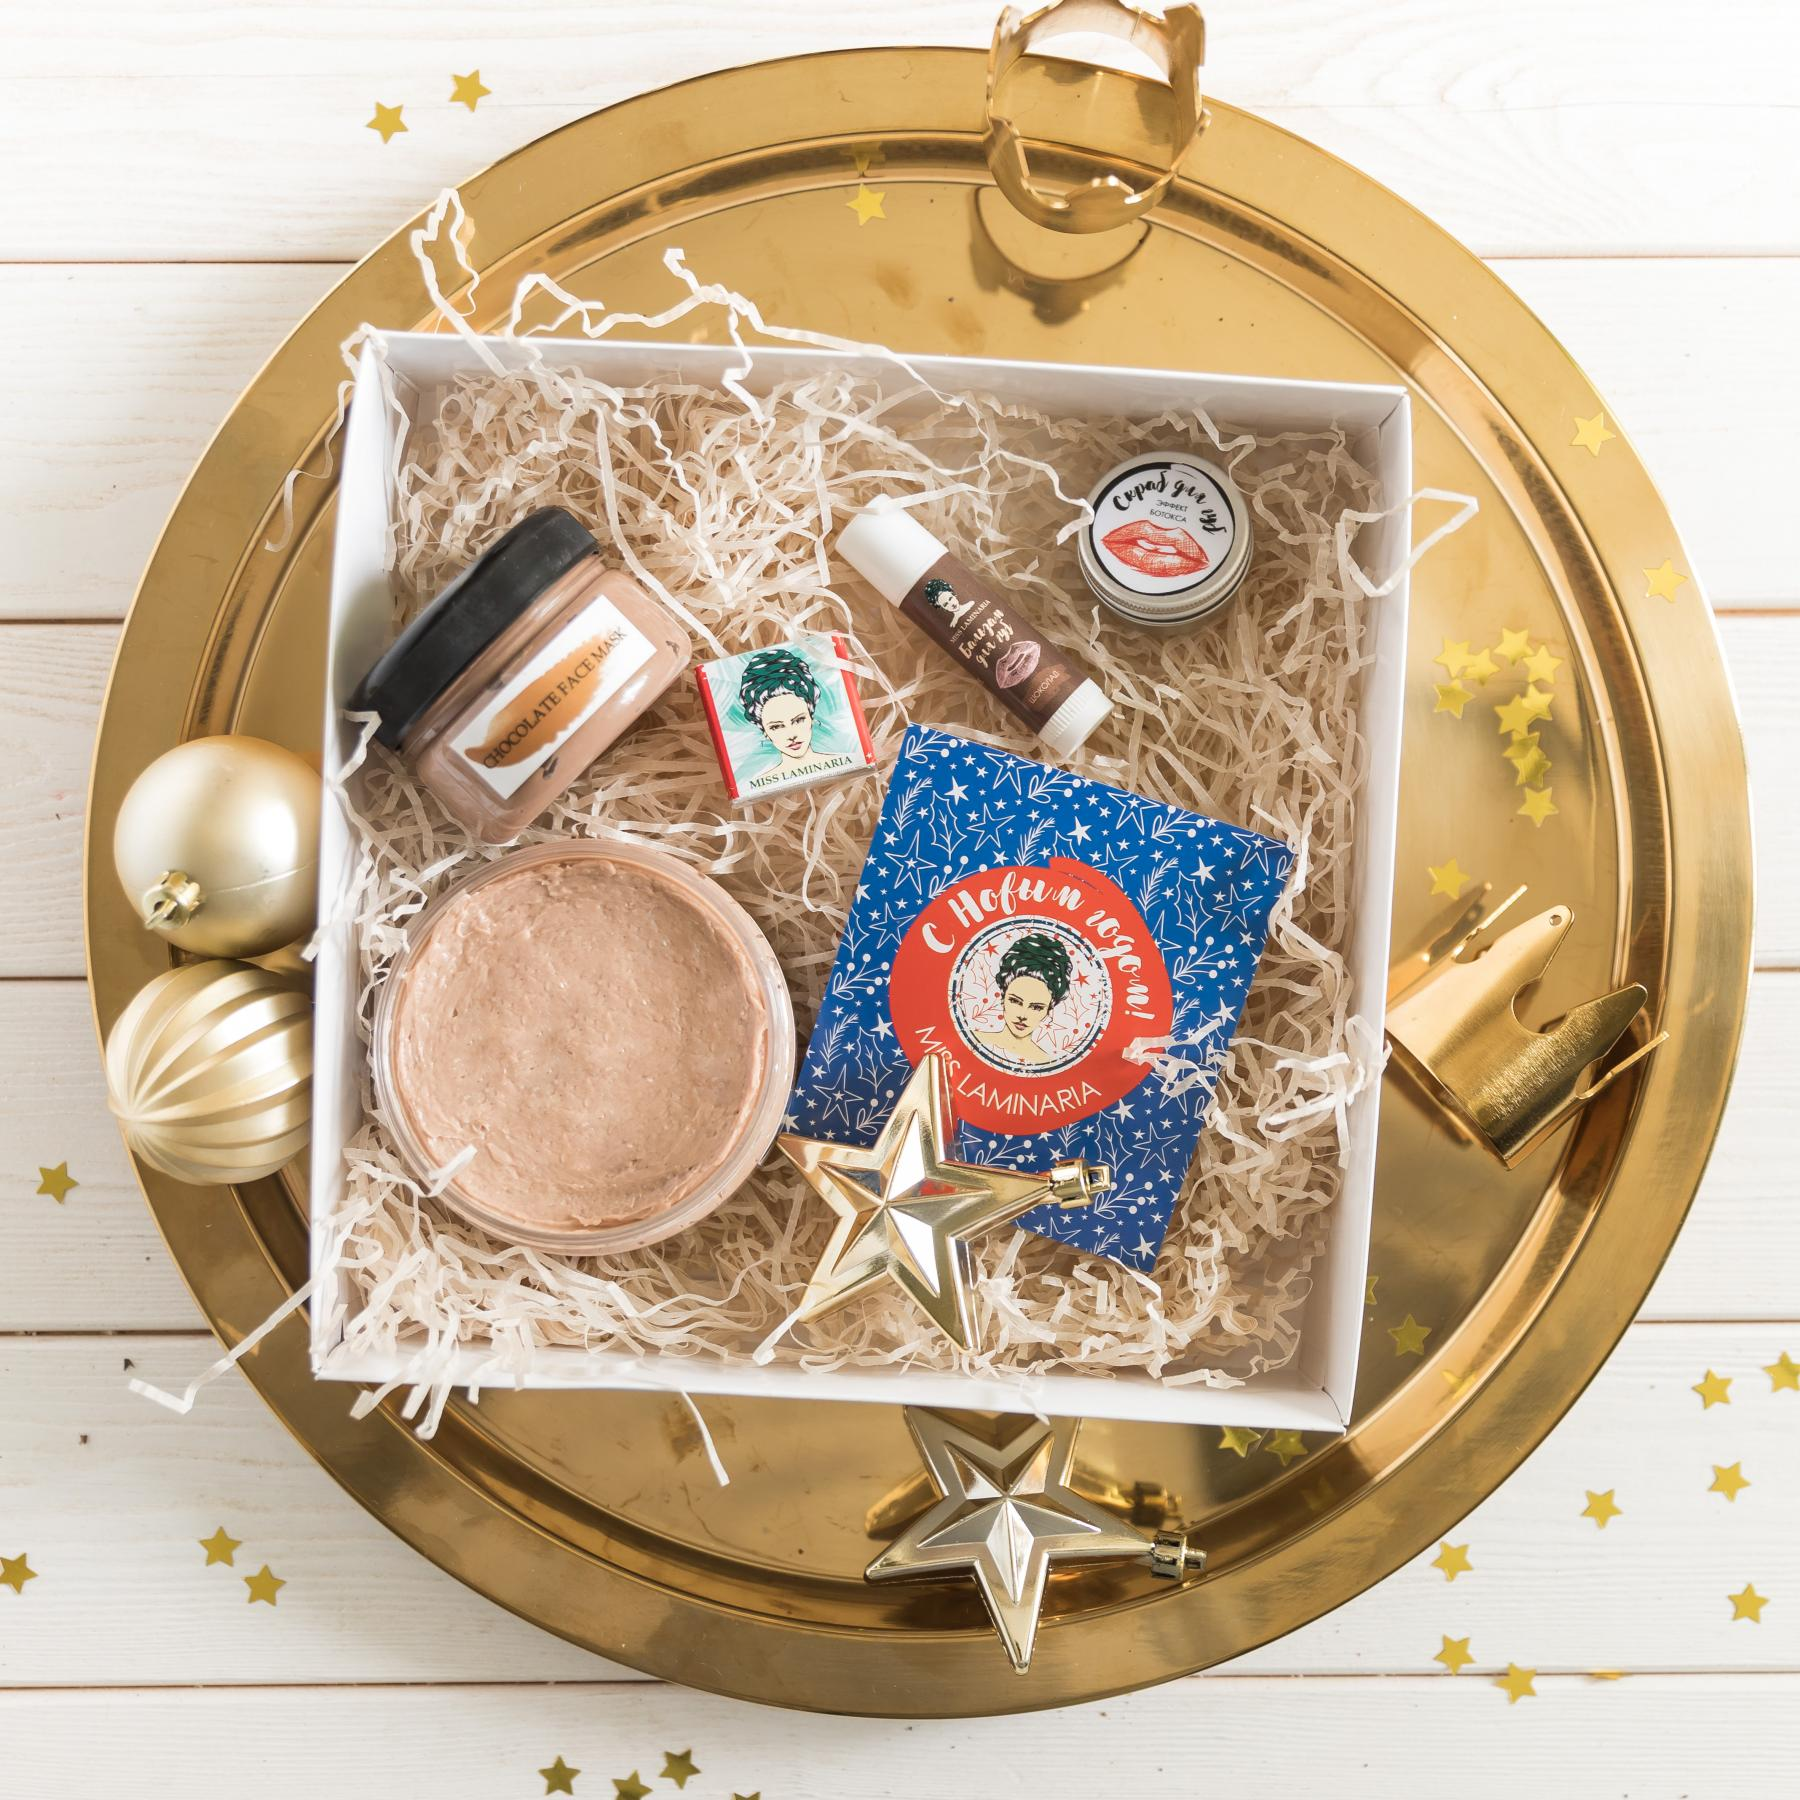 Фото Топ-5 самых крутых подарков на Новый год от Laminaria Shop 3